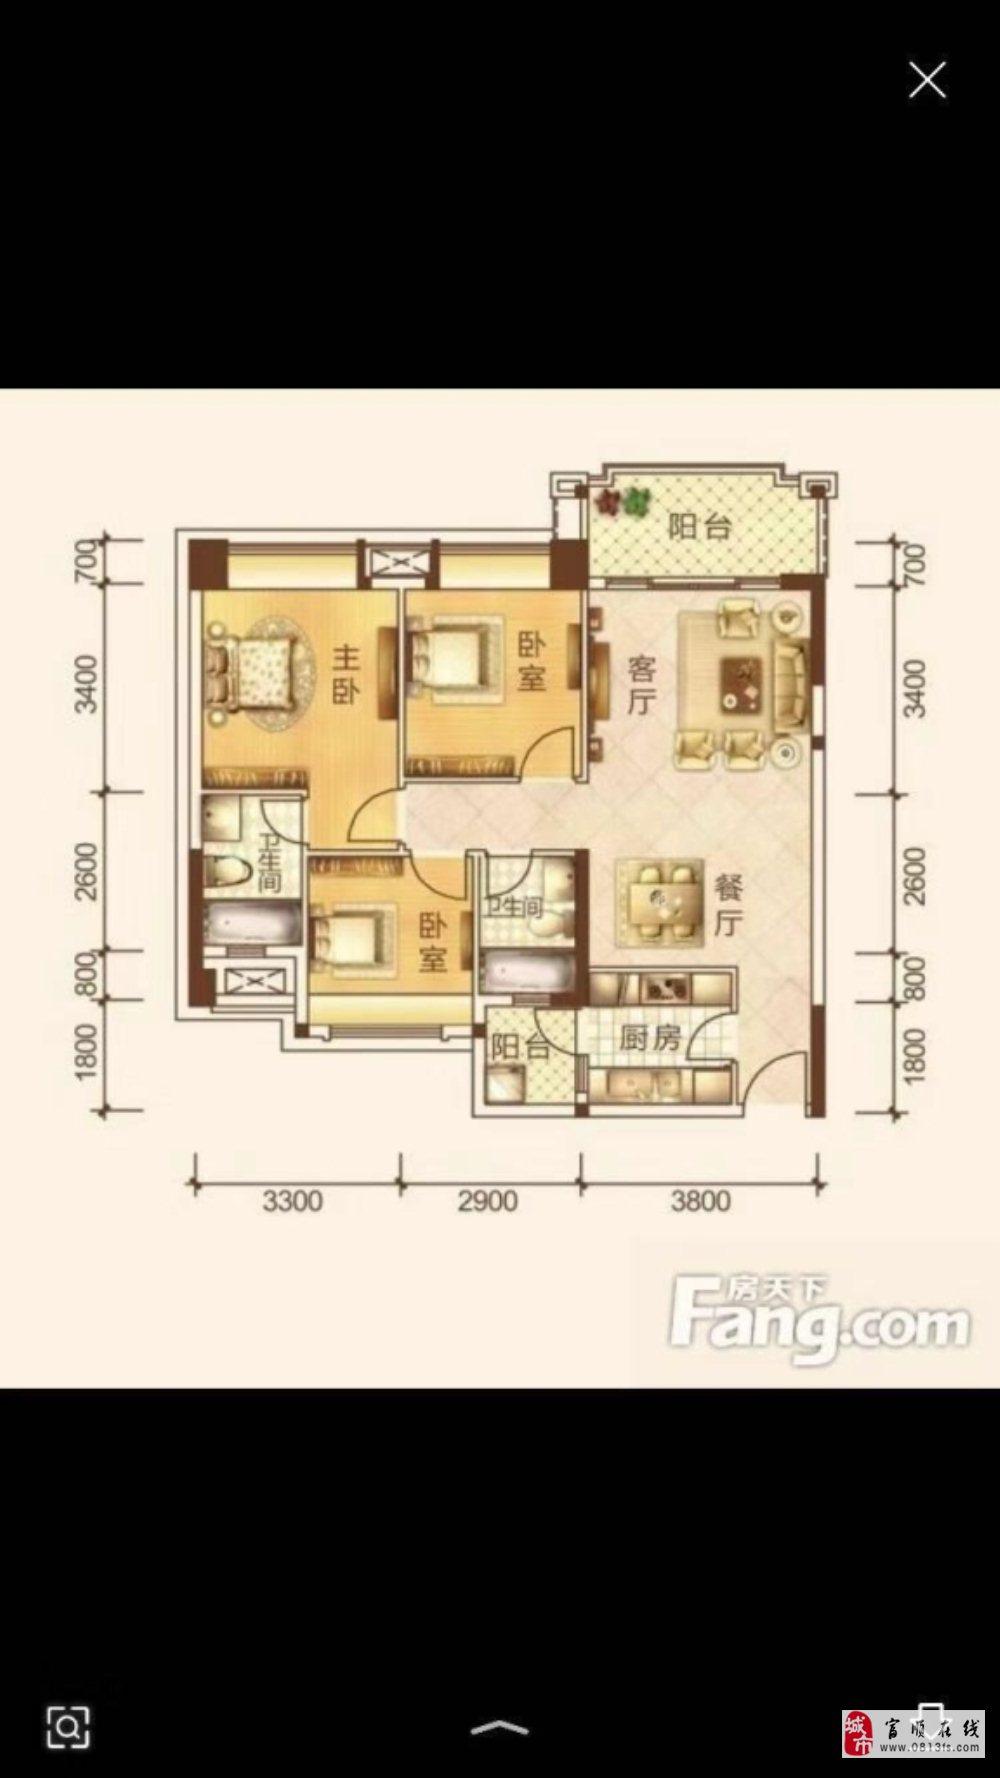 993三源小区3室2卫现浇房精装拎包入住